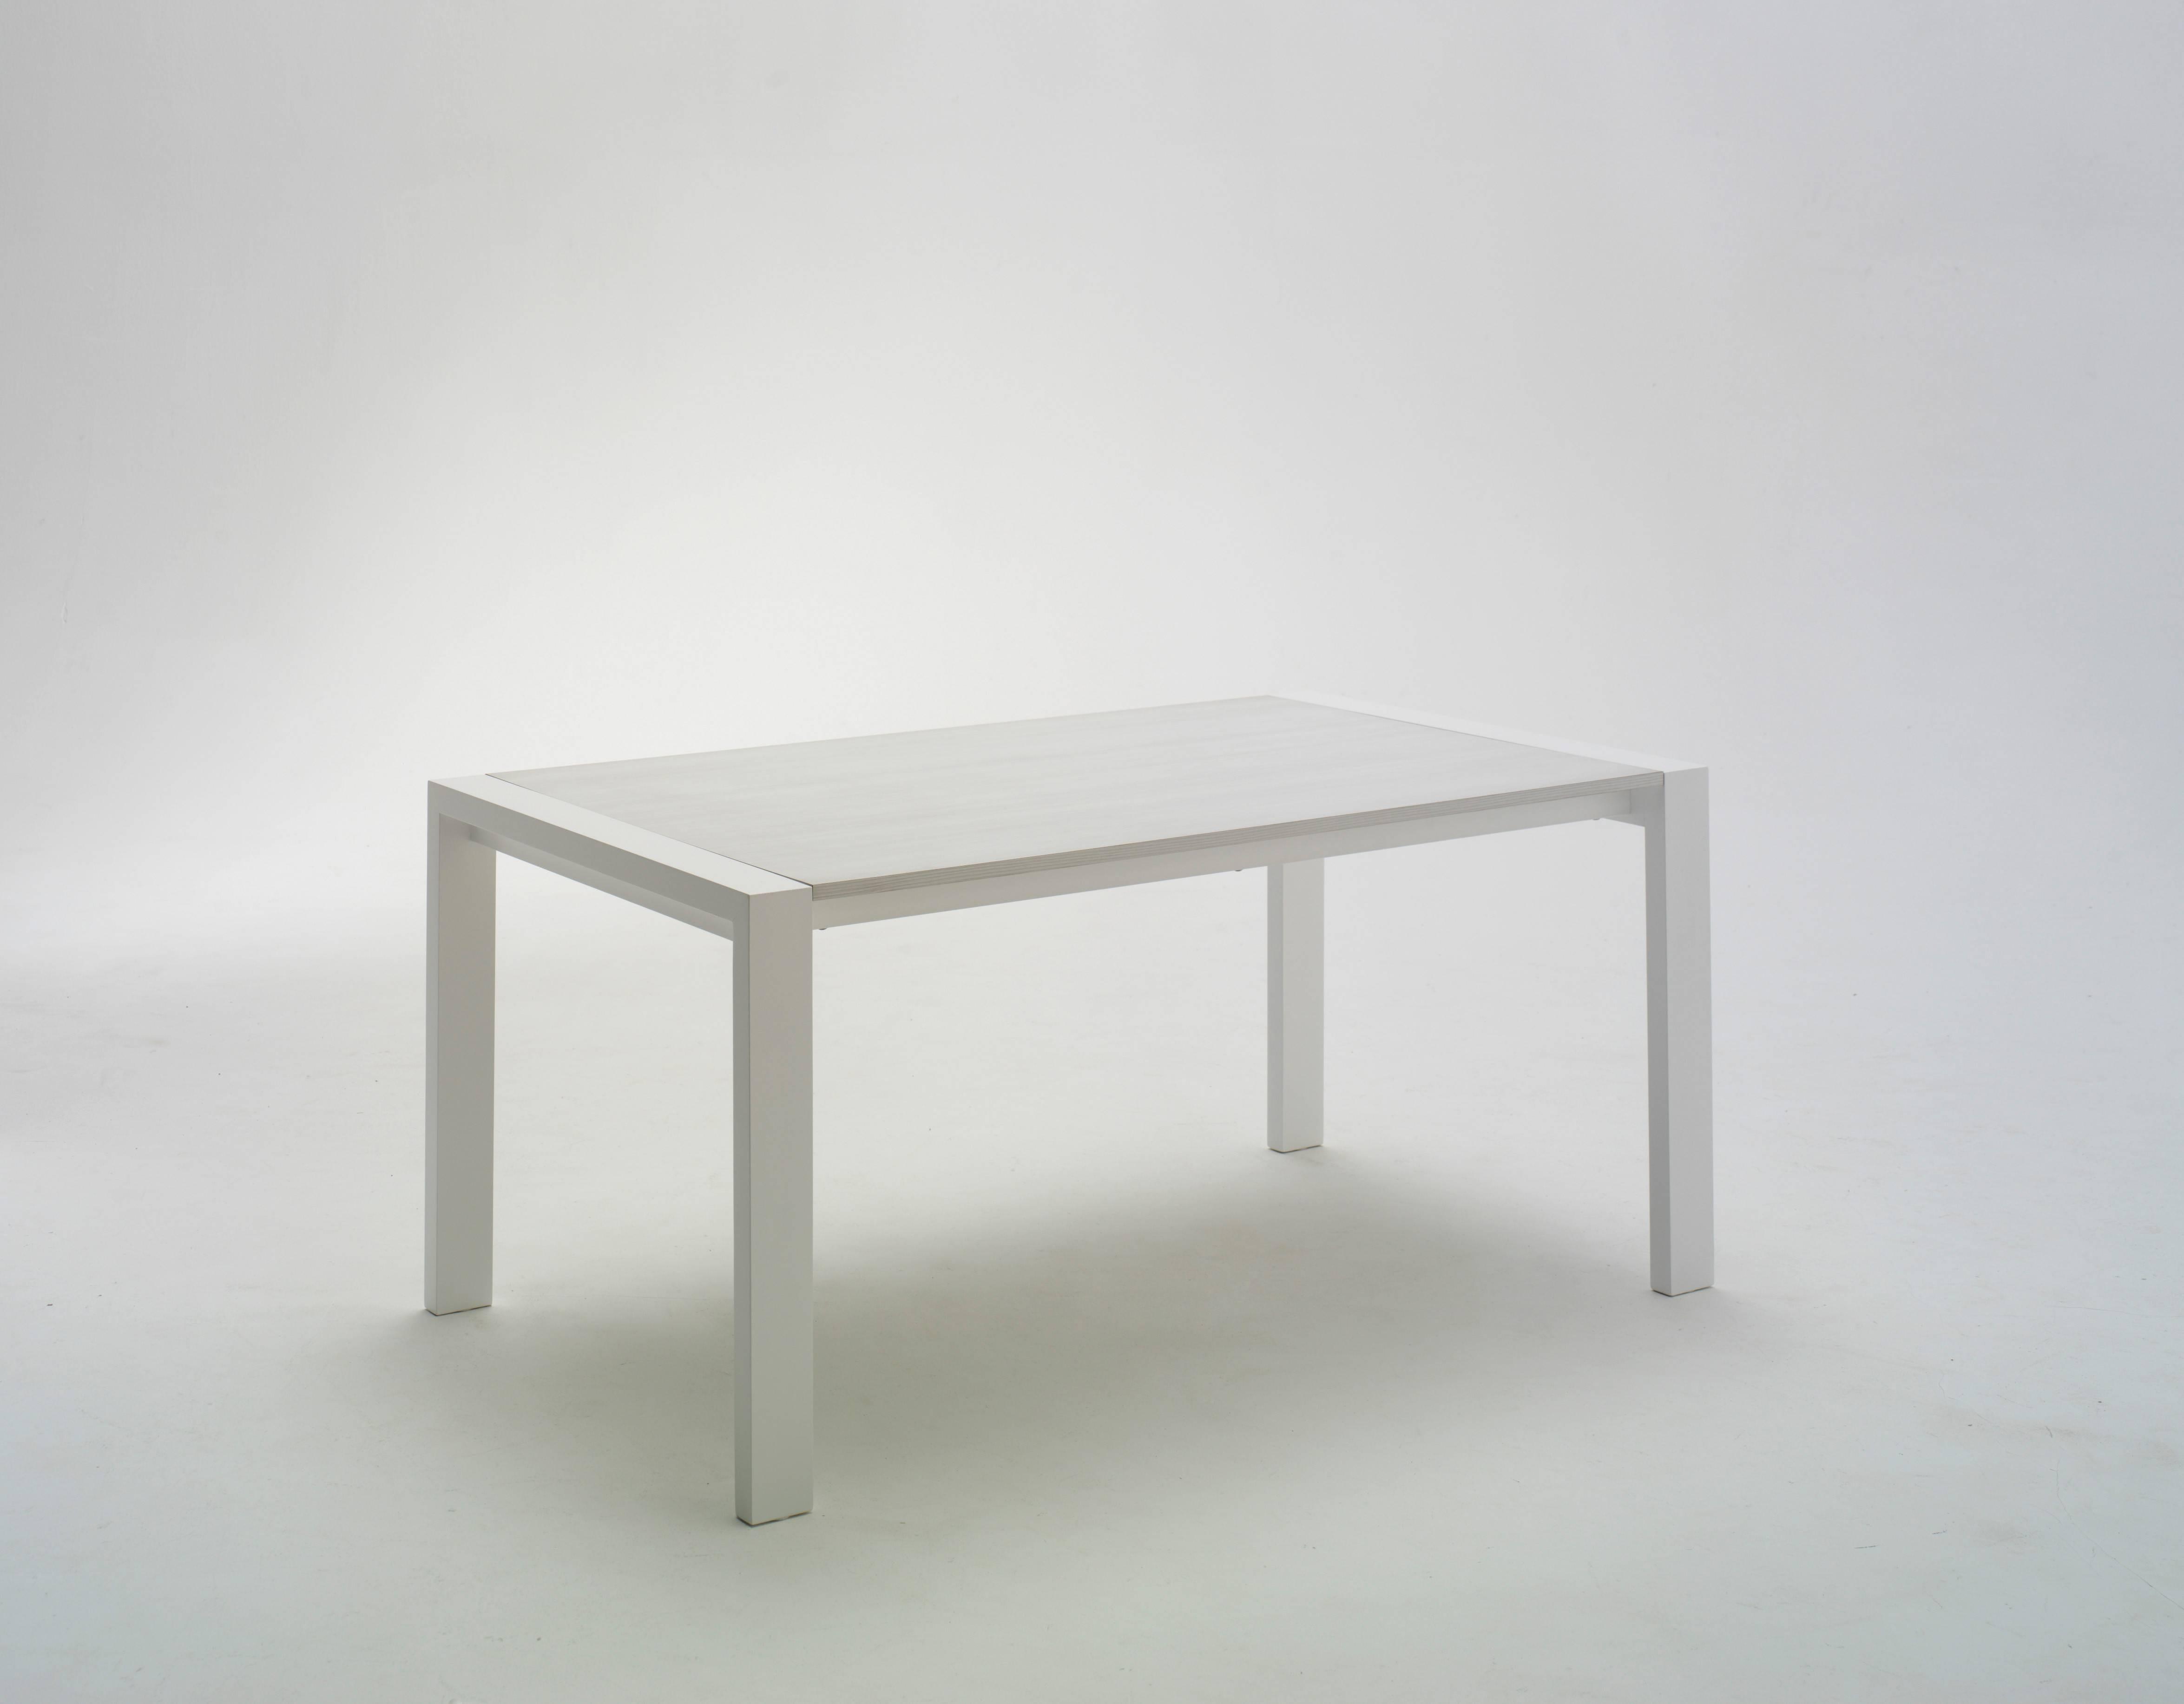 tavolo-like-allungabile-struttura-laccata-e-piano-in-laminato-bianco.jpg